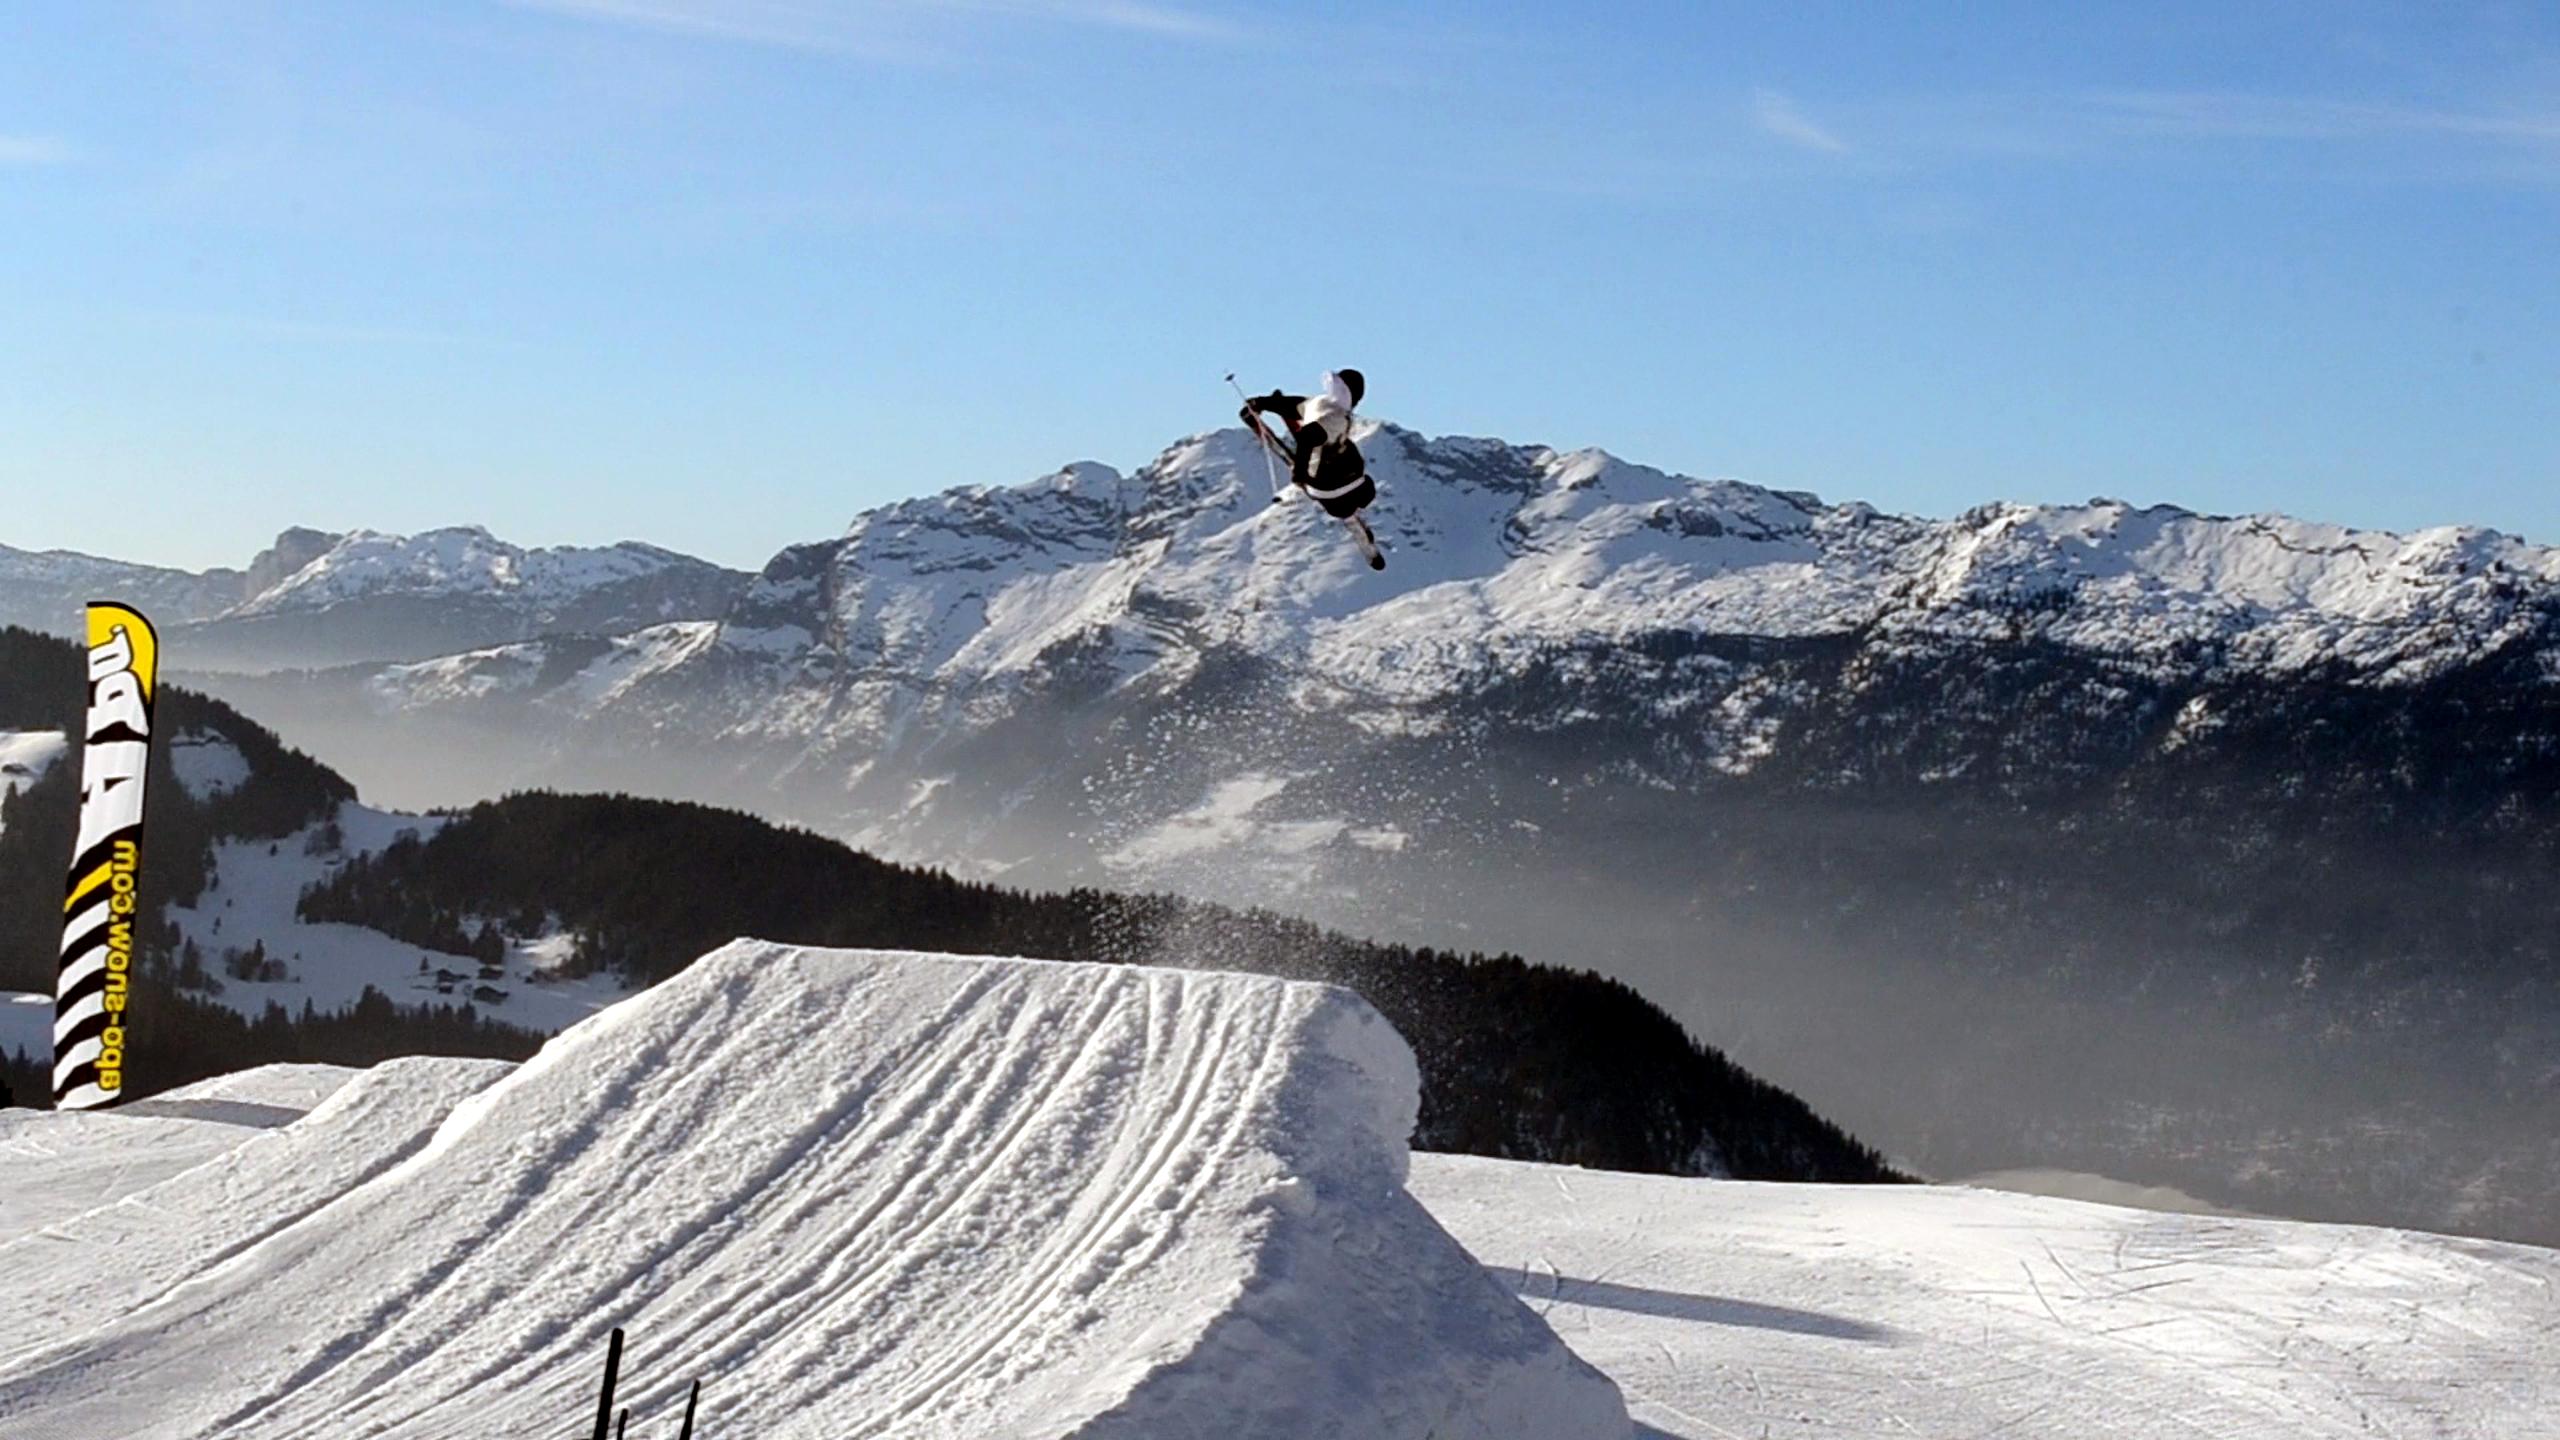 love massive jumps